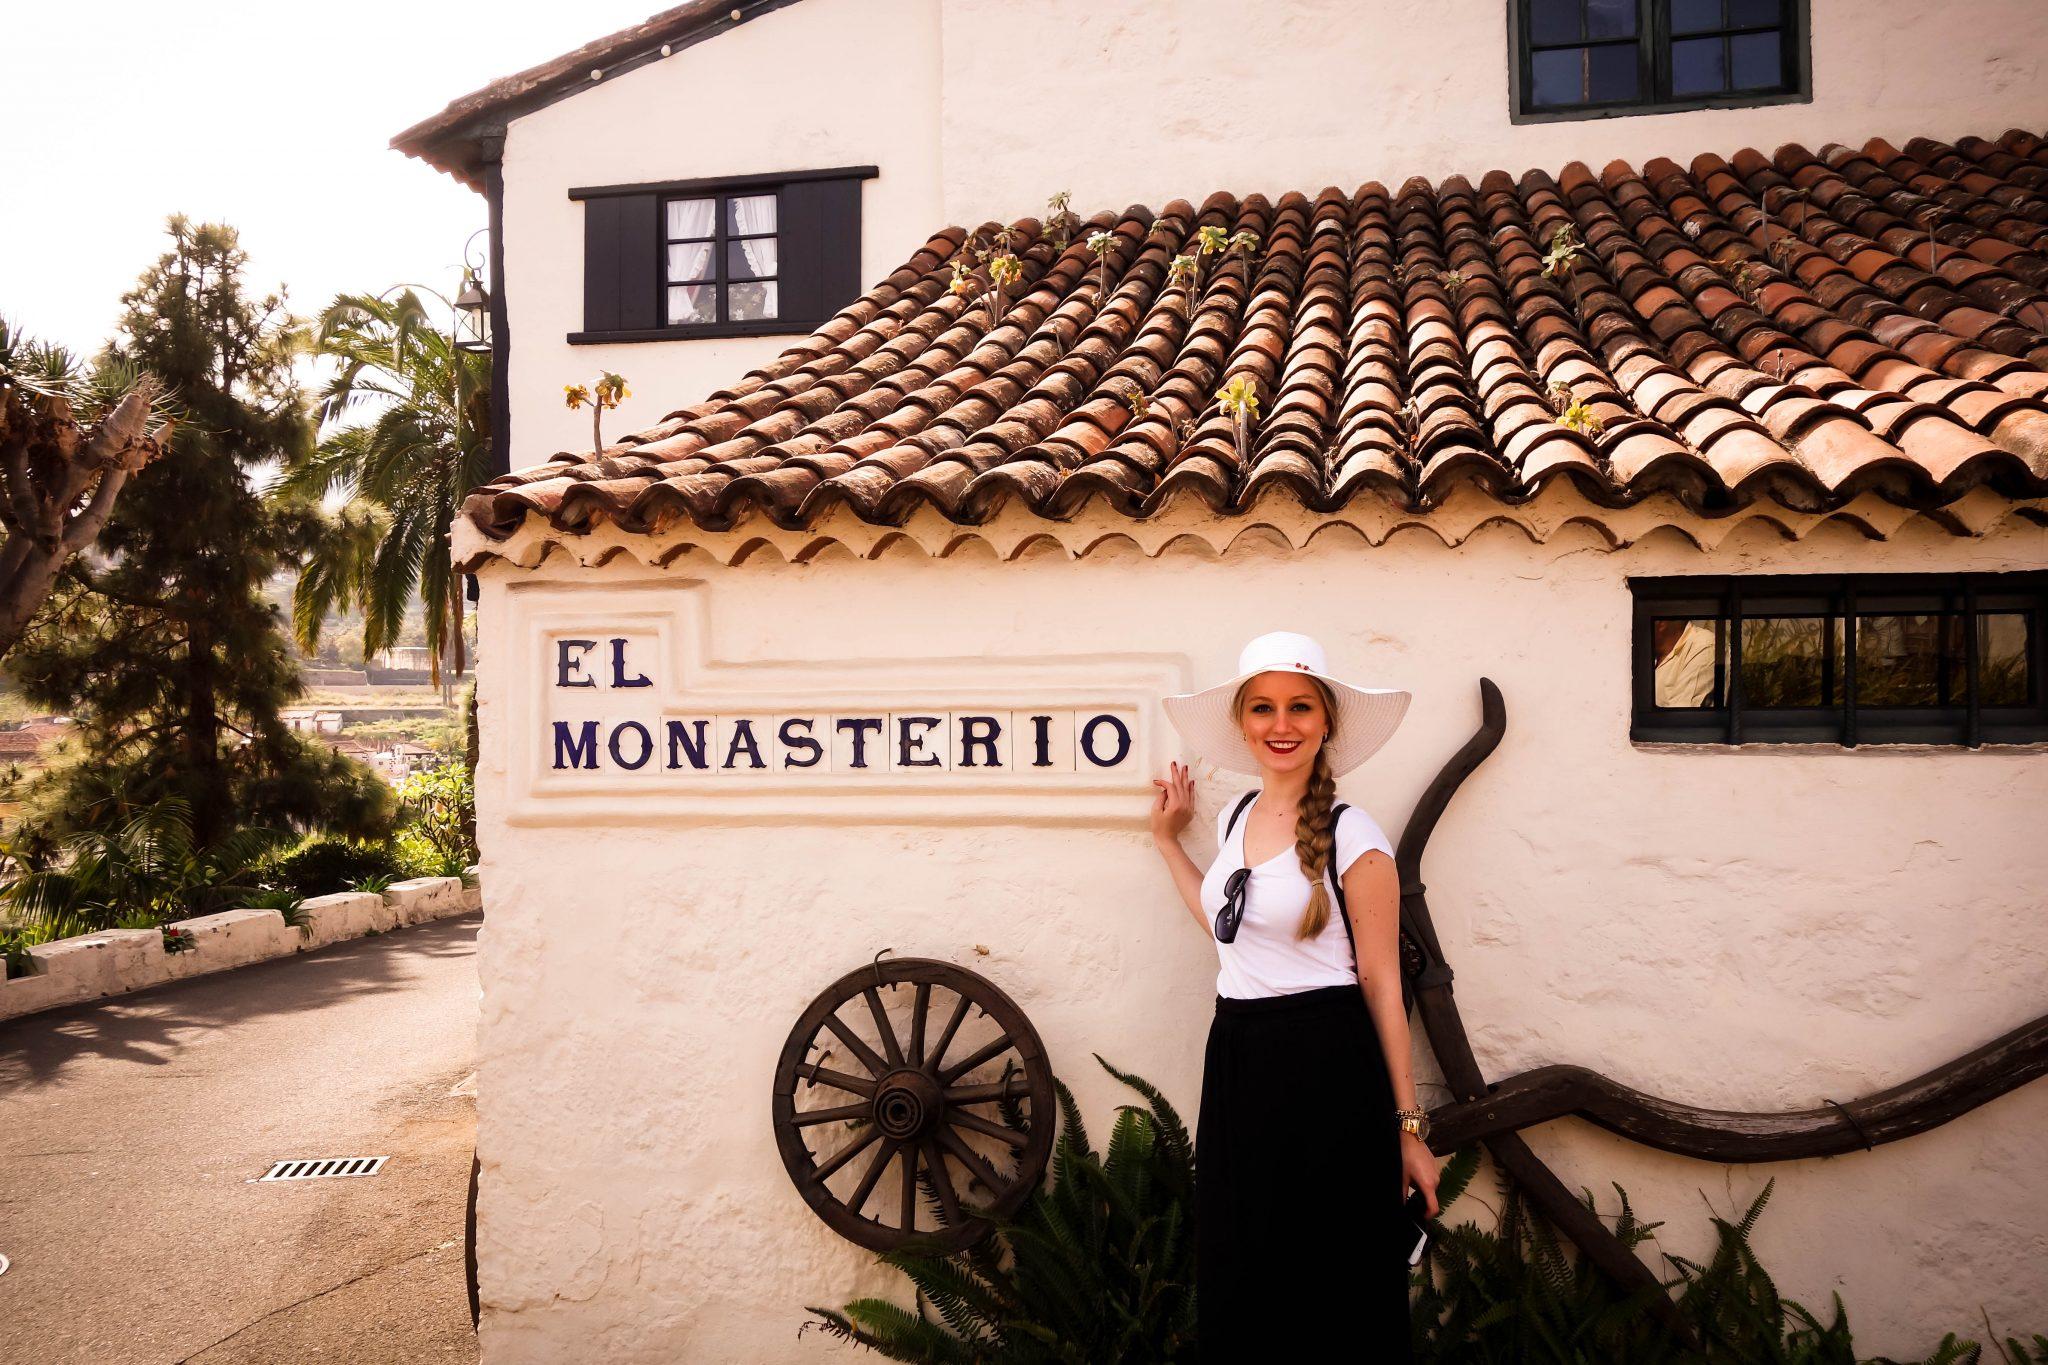 Teneriffa, Puerto de la Cruz: El Monasterio, von dort oben hast du einen wunderschönen Blick über die Insel. Sehr empfehlenswert!